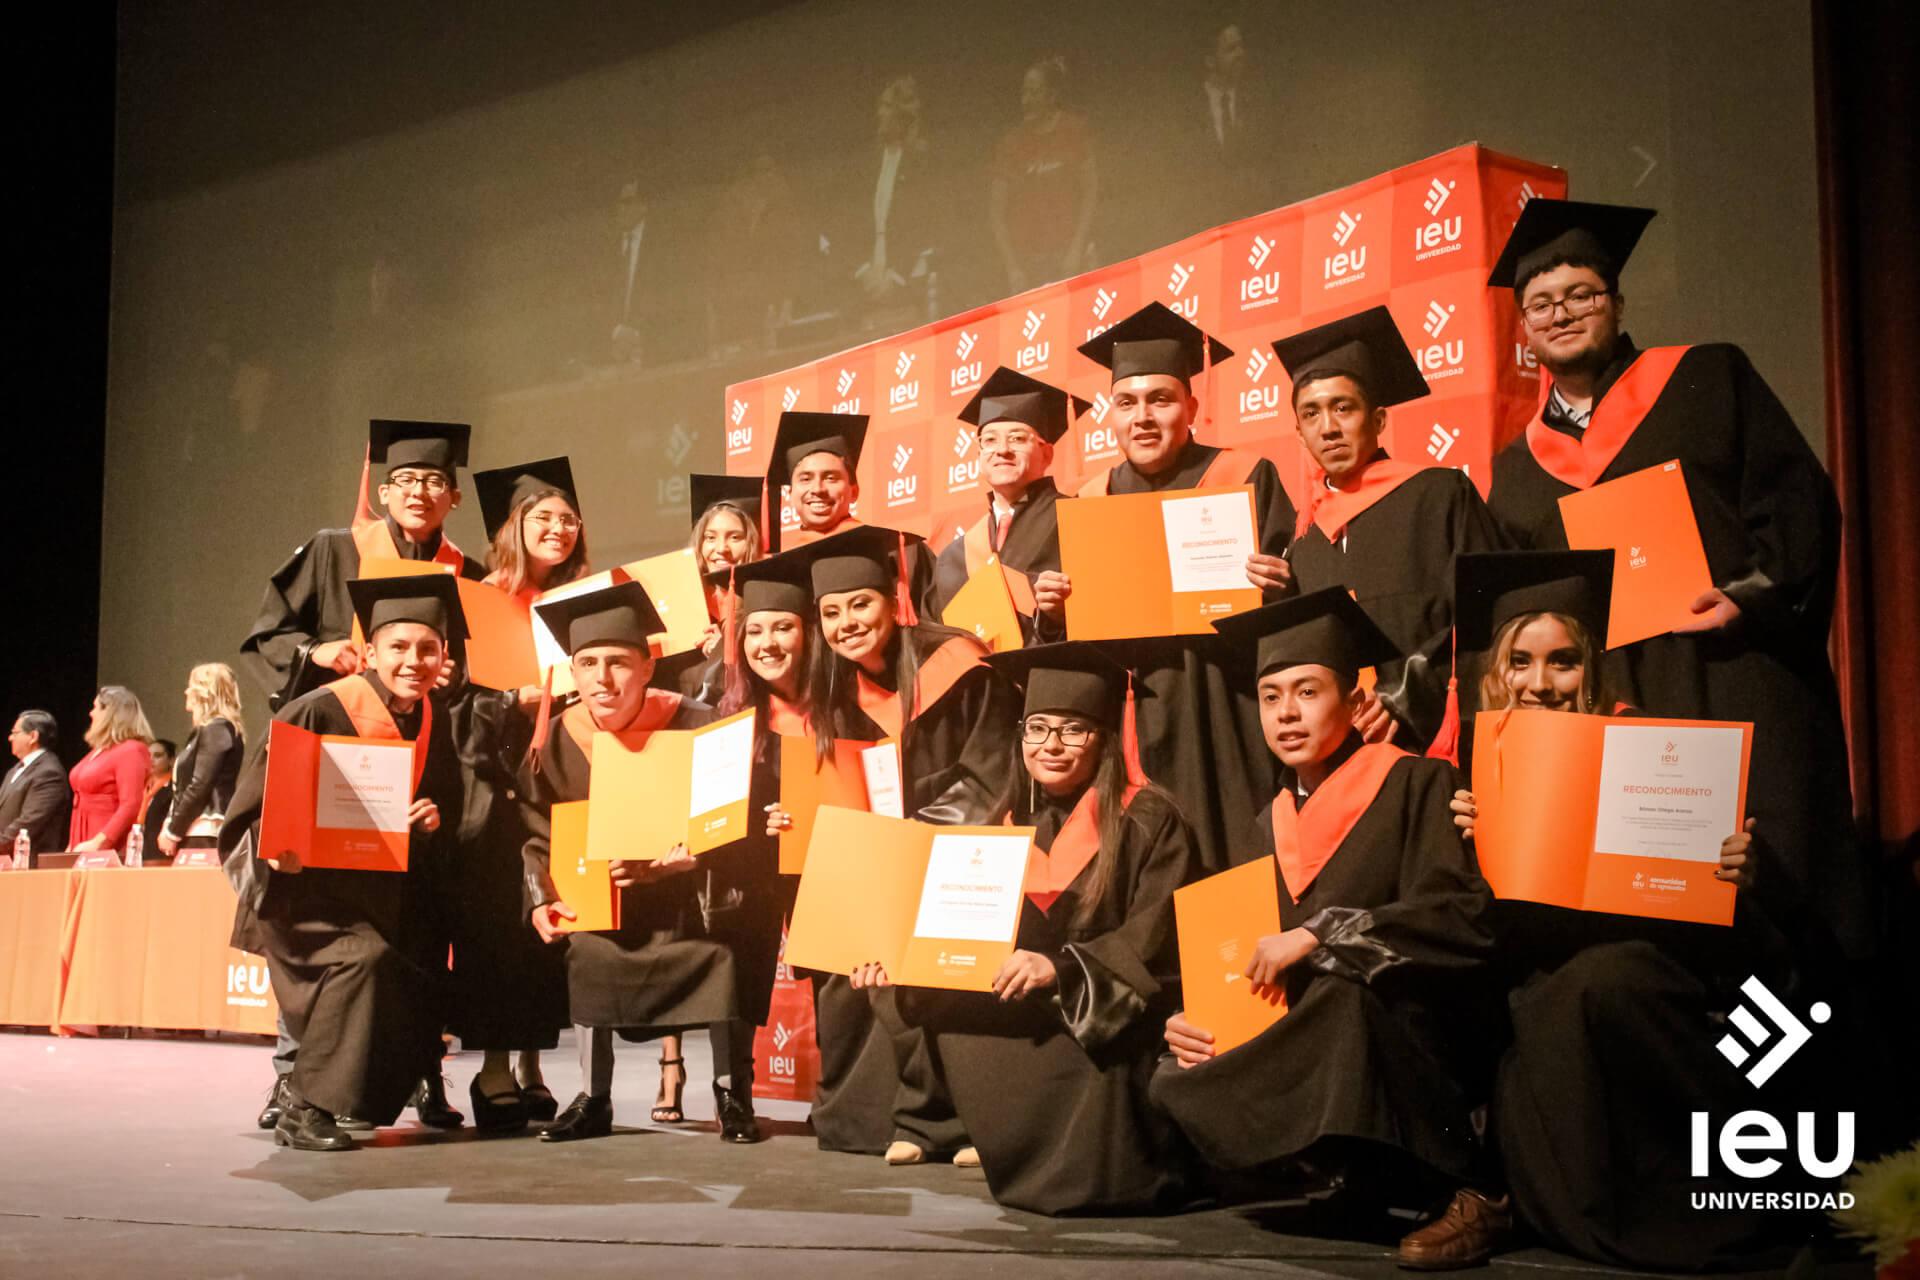 Universidad Ieu Graduacion 2019 11